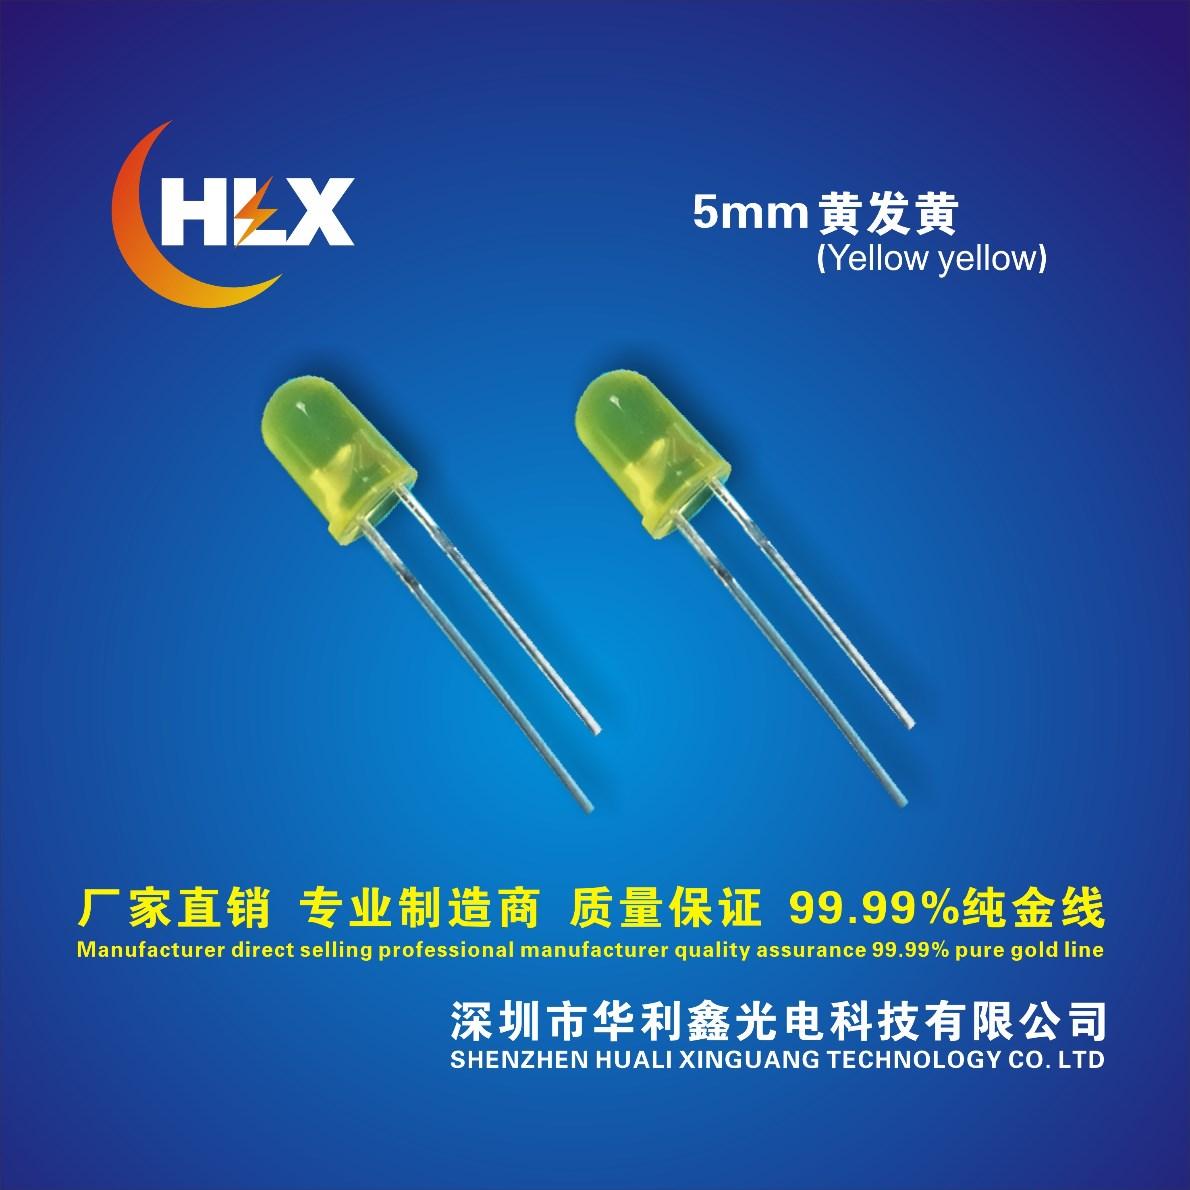 LEDF5黄发黄 白发黄灯珠 有边 品质保障 直插 5mm灯珠